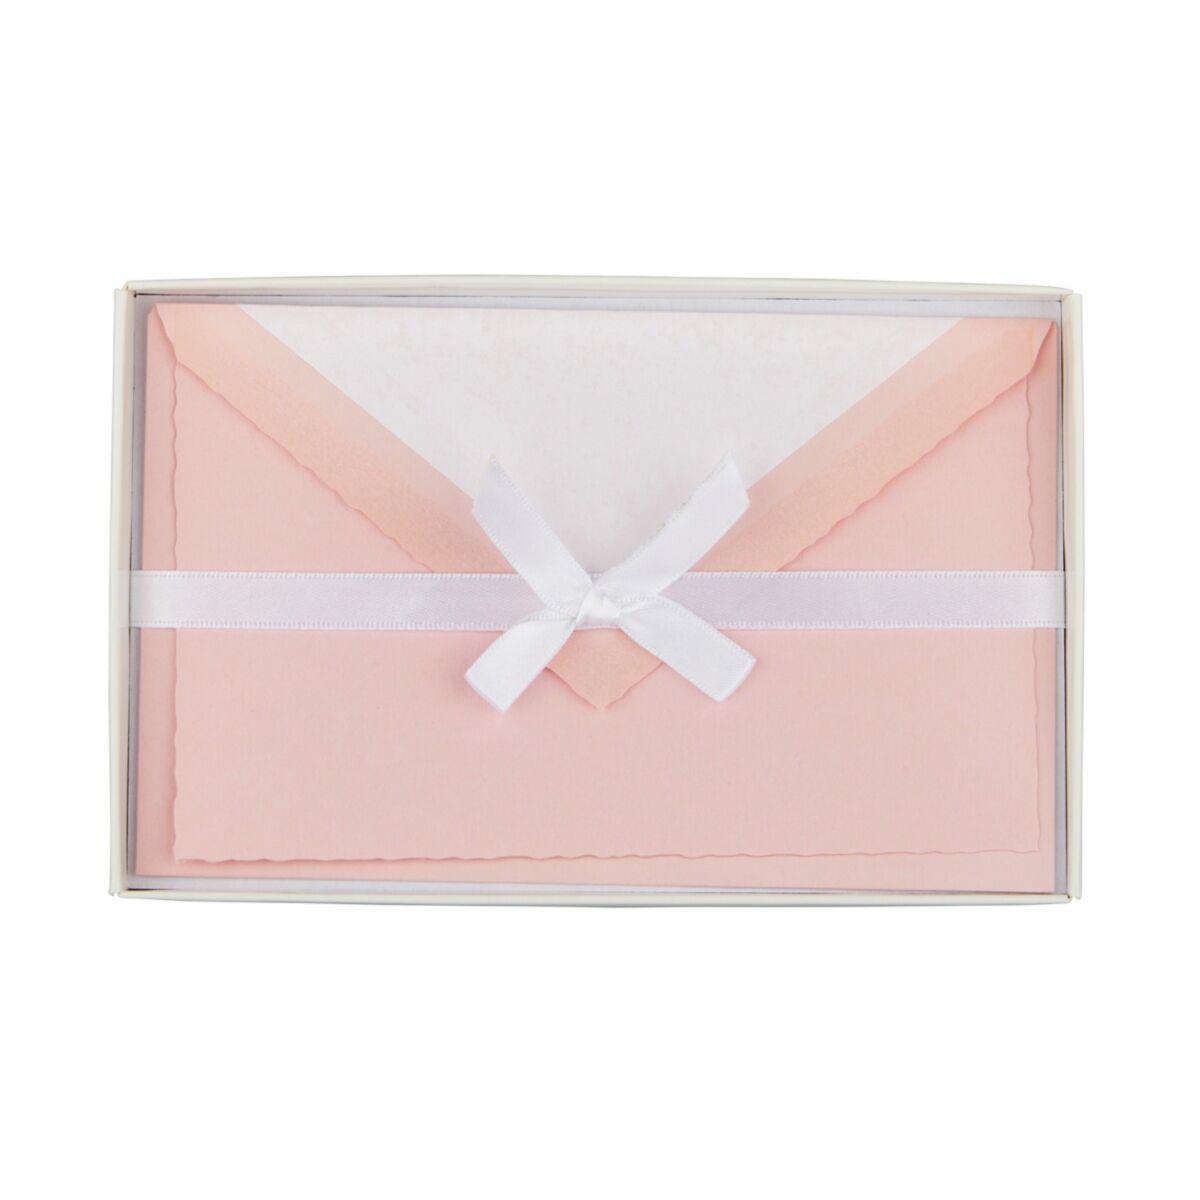 Créations de Paris Stationery Set, Candy Pink image